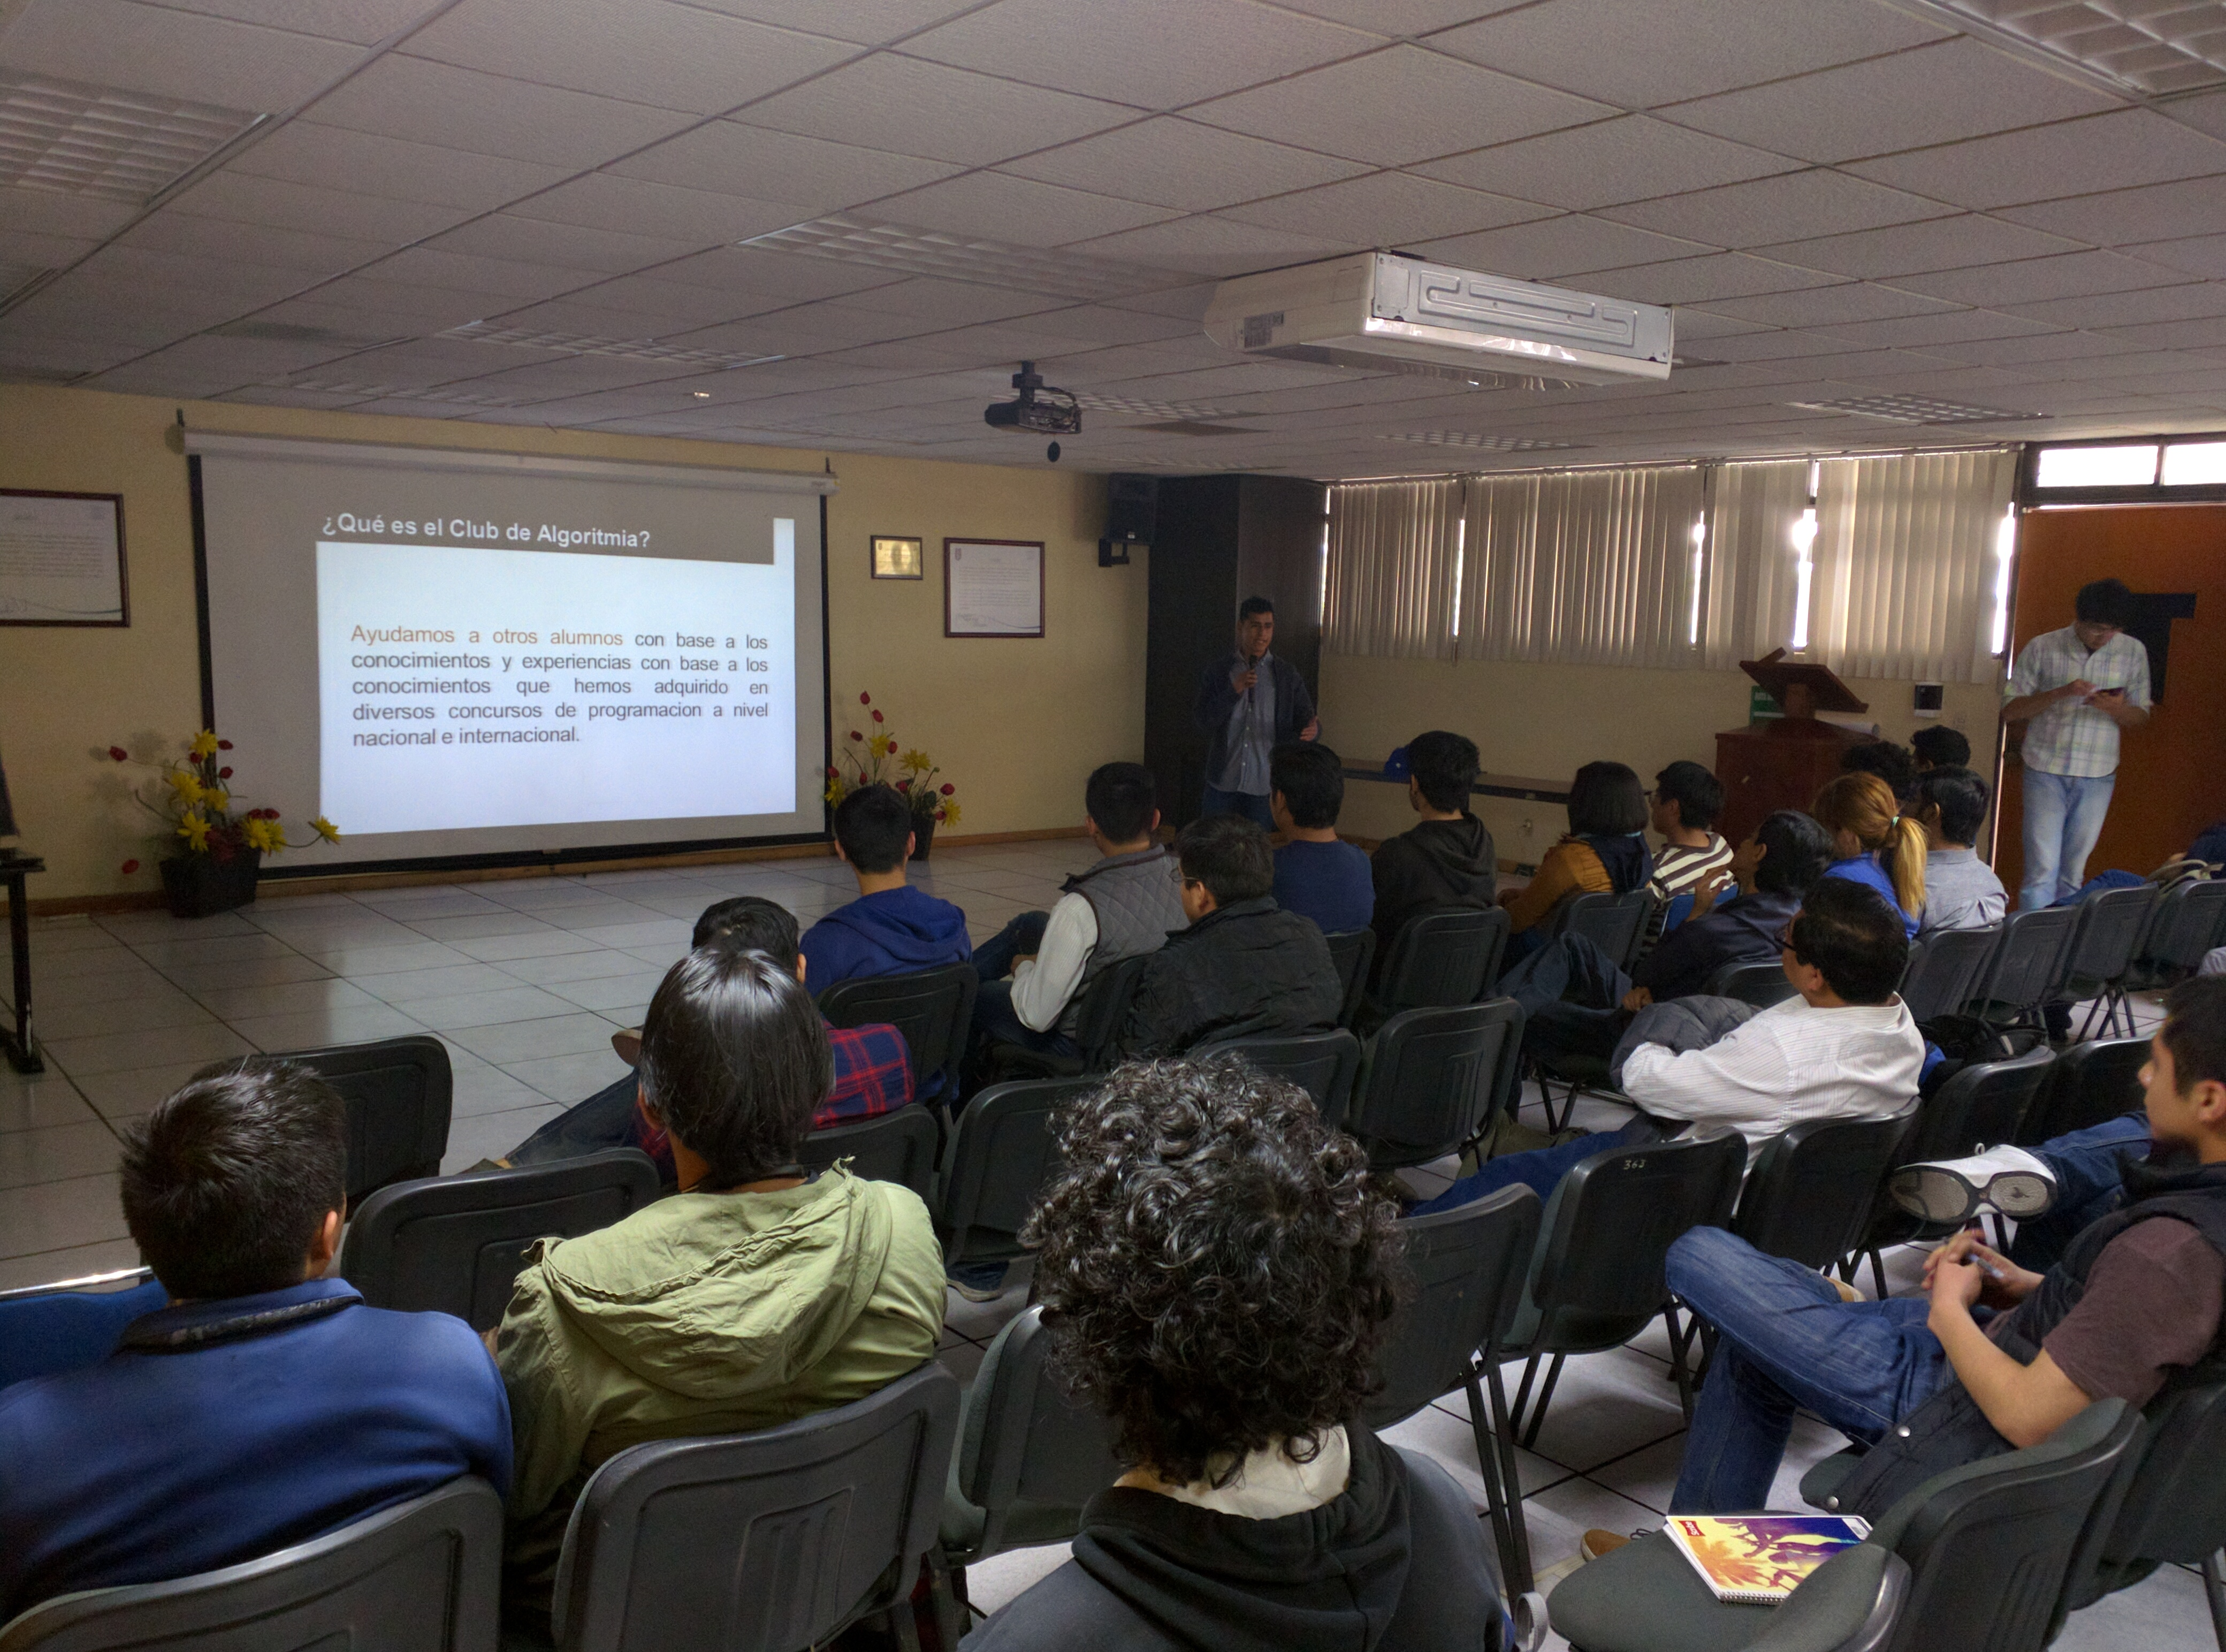 Sesión Informativa del Club de Algoritmia.